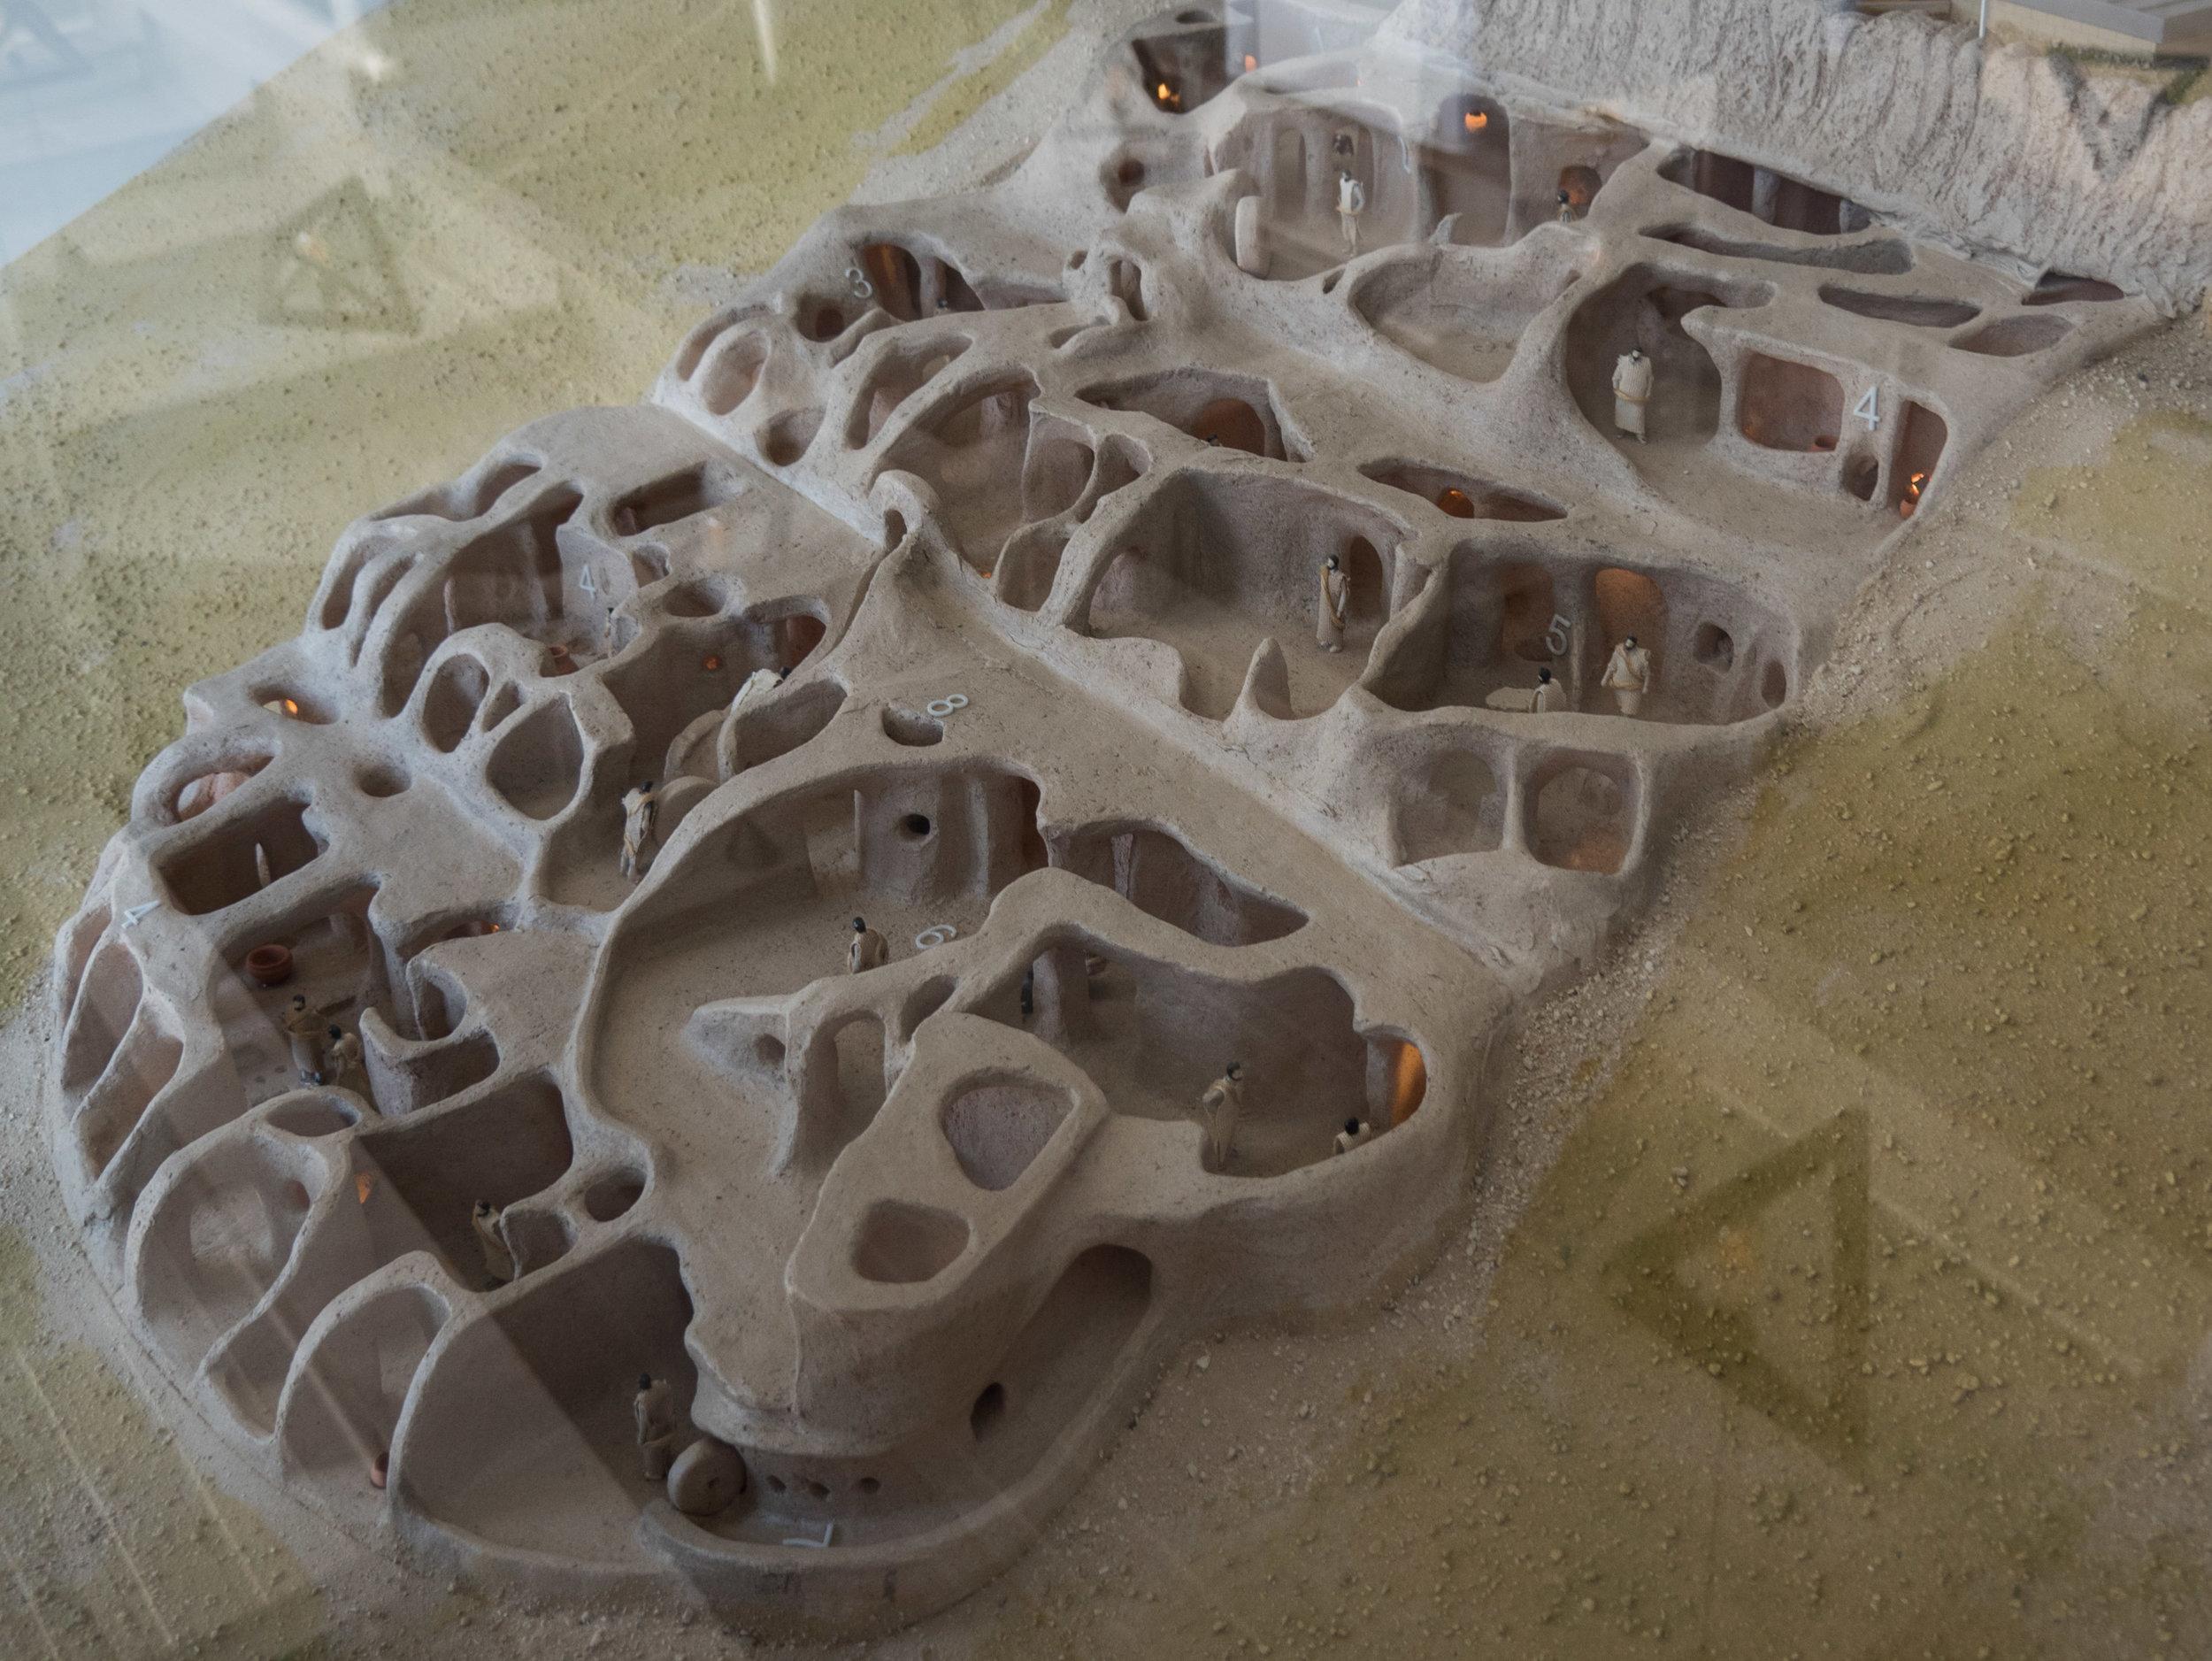 Underground City Model